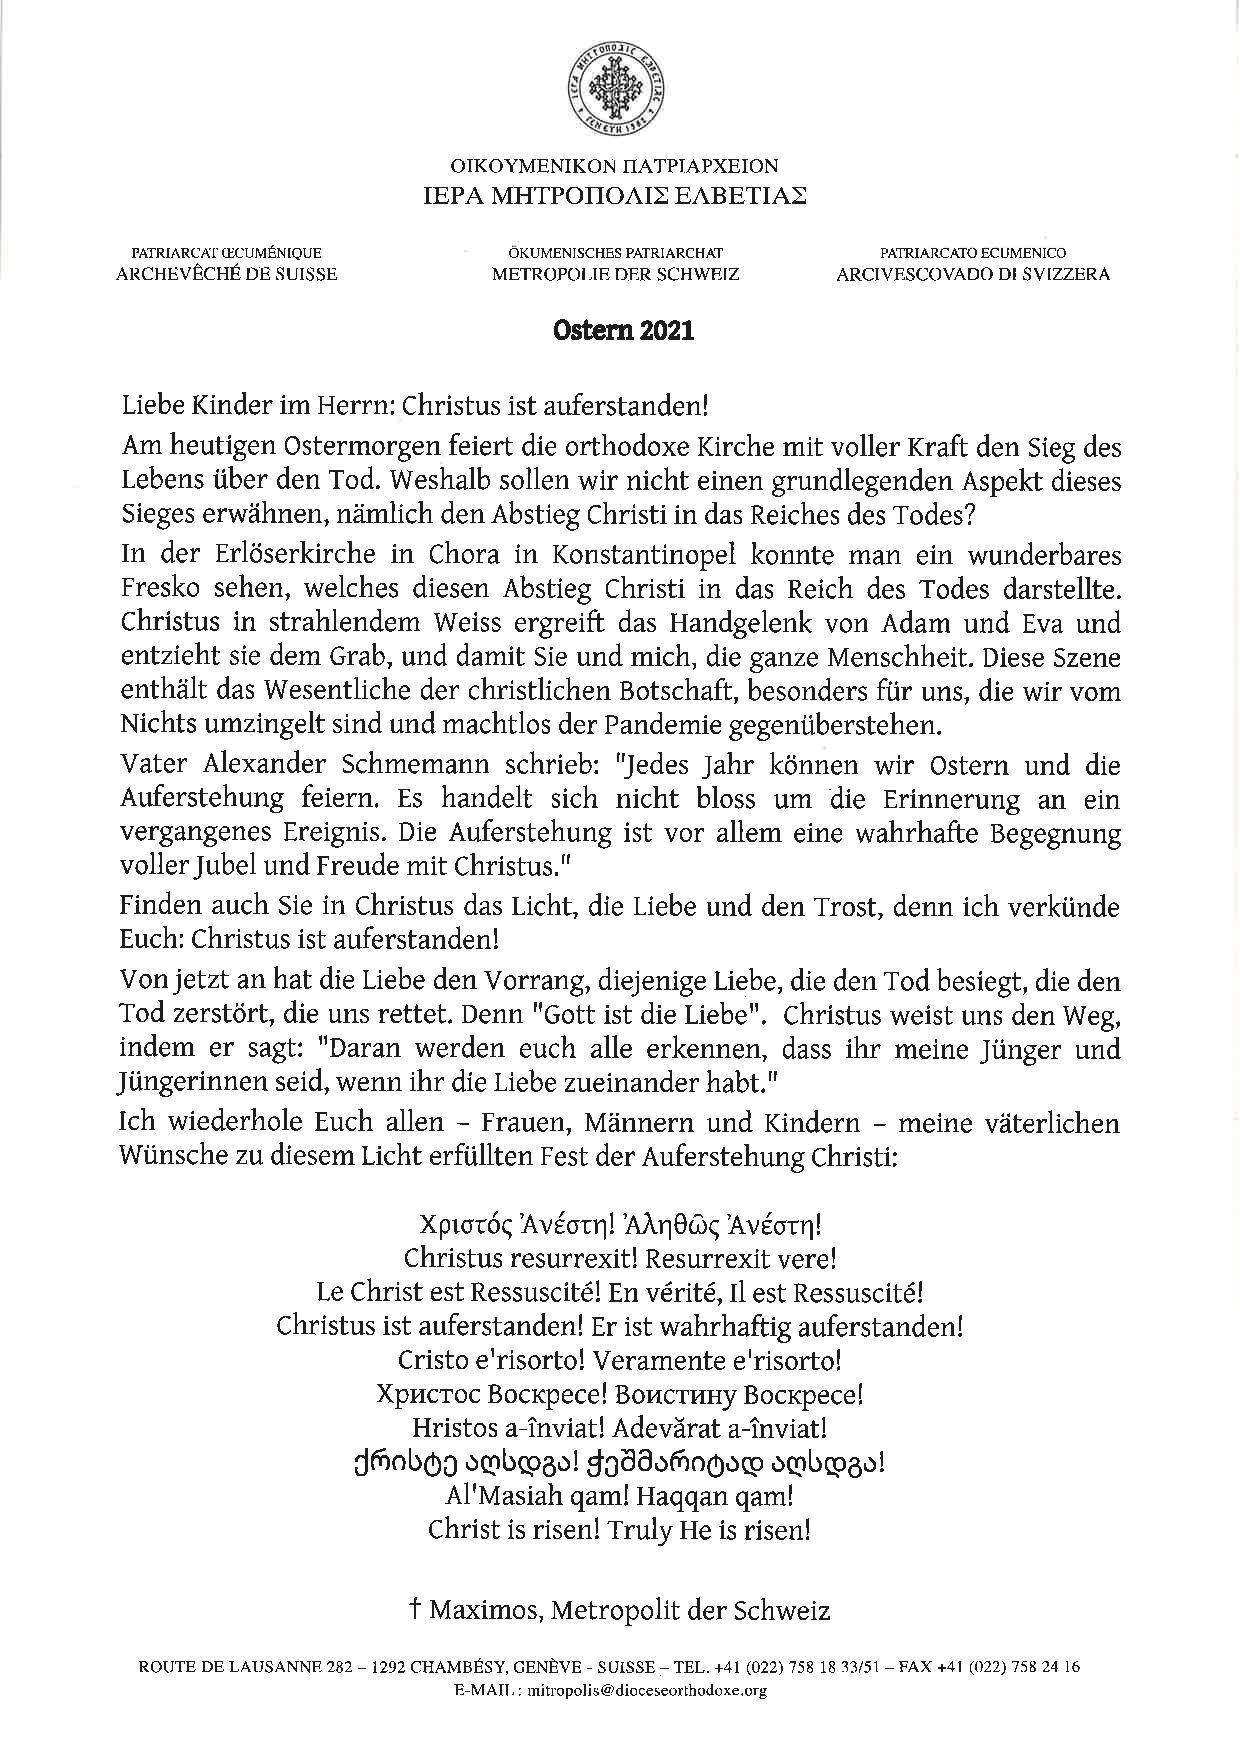 Πασχάλιο Mήνυμα Σεβασμιωτάτου Μητροπολίτου Ελβετίας κκ. Μάξιμου 2021